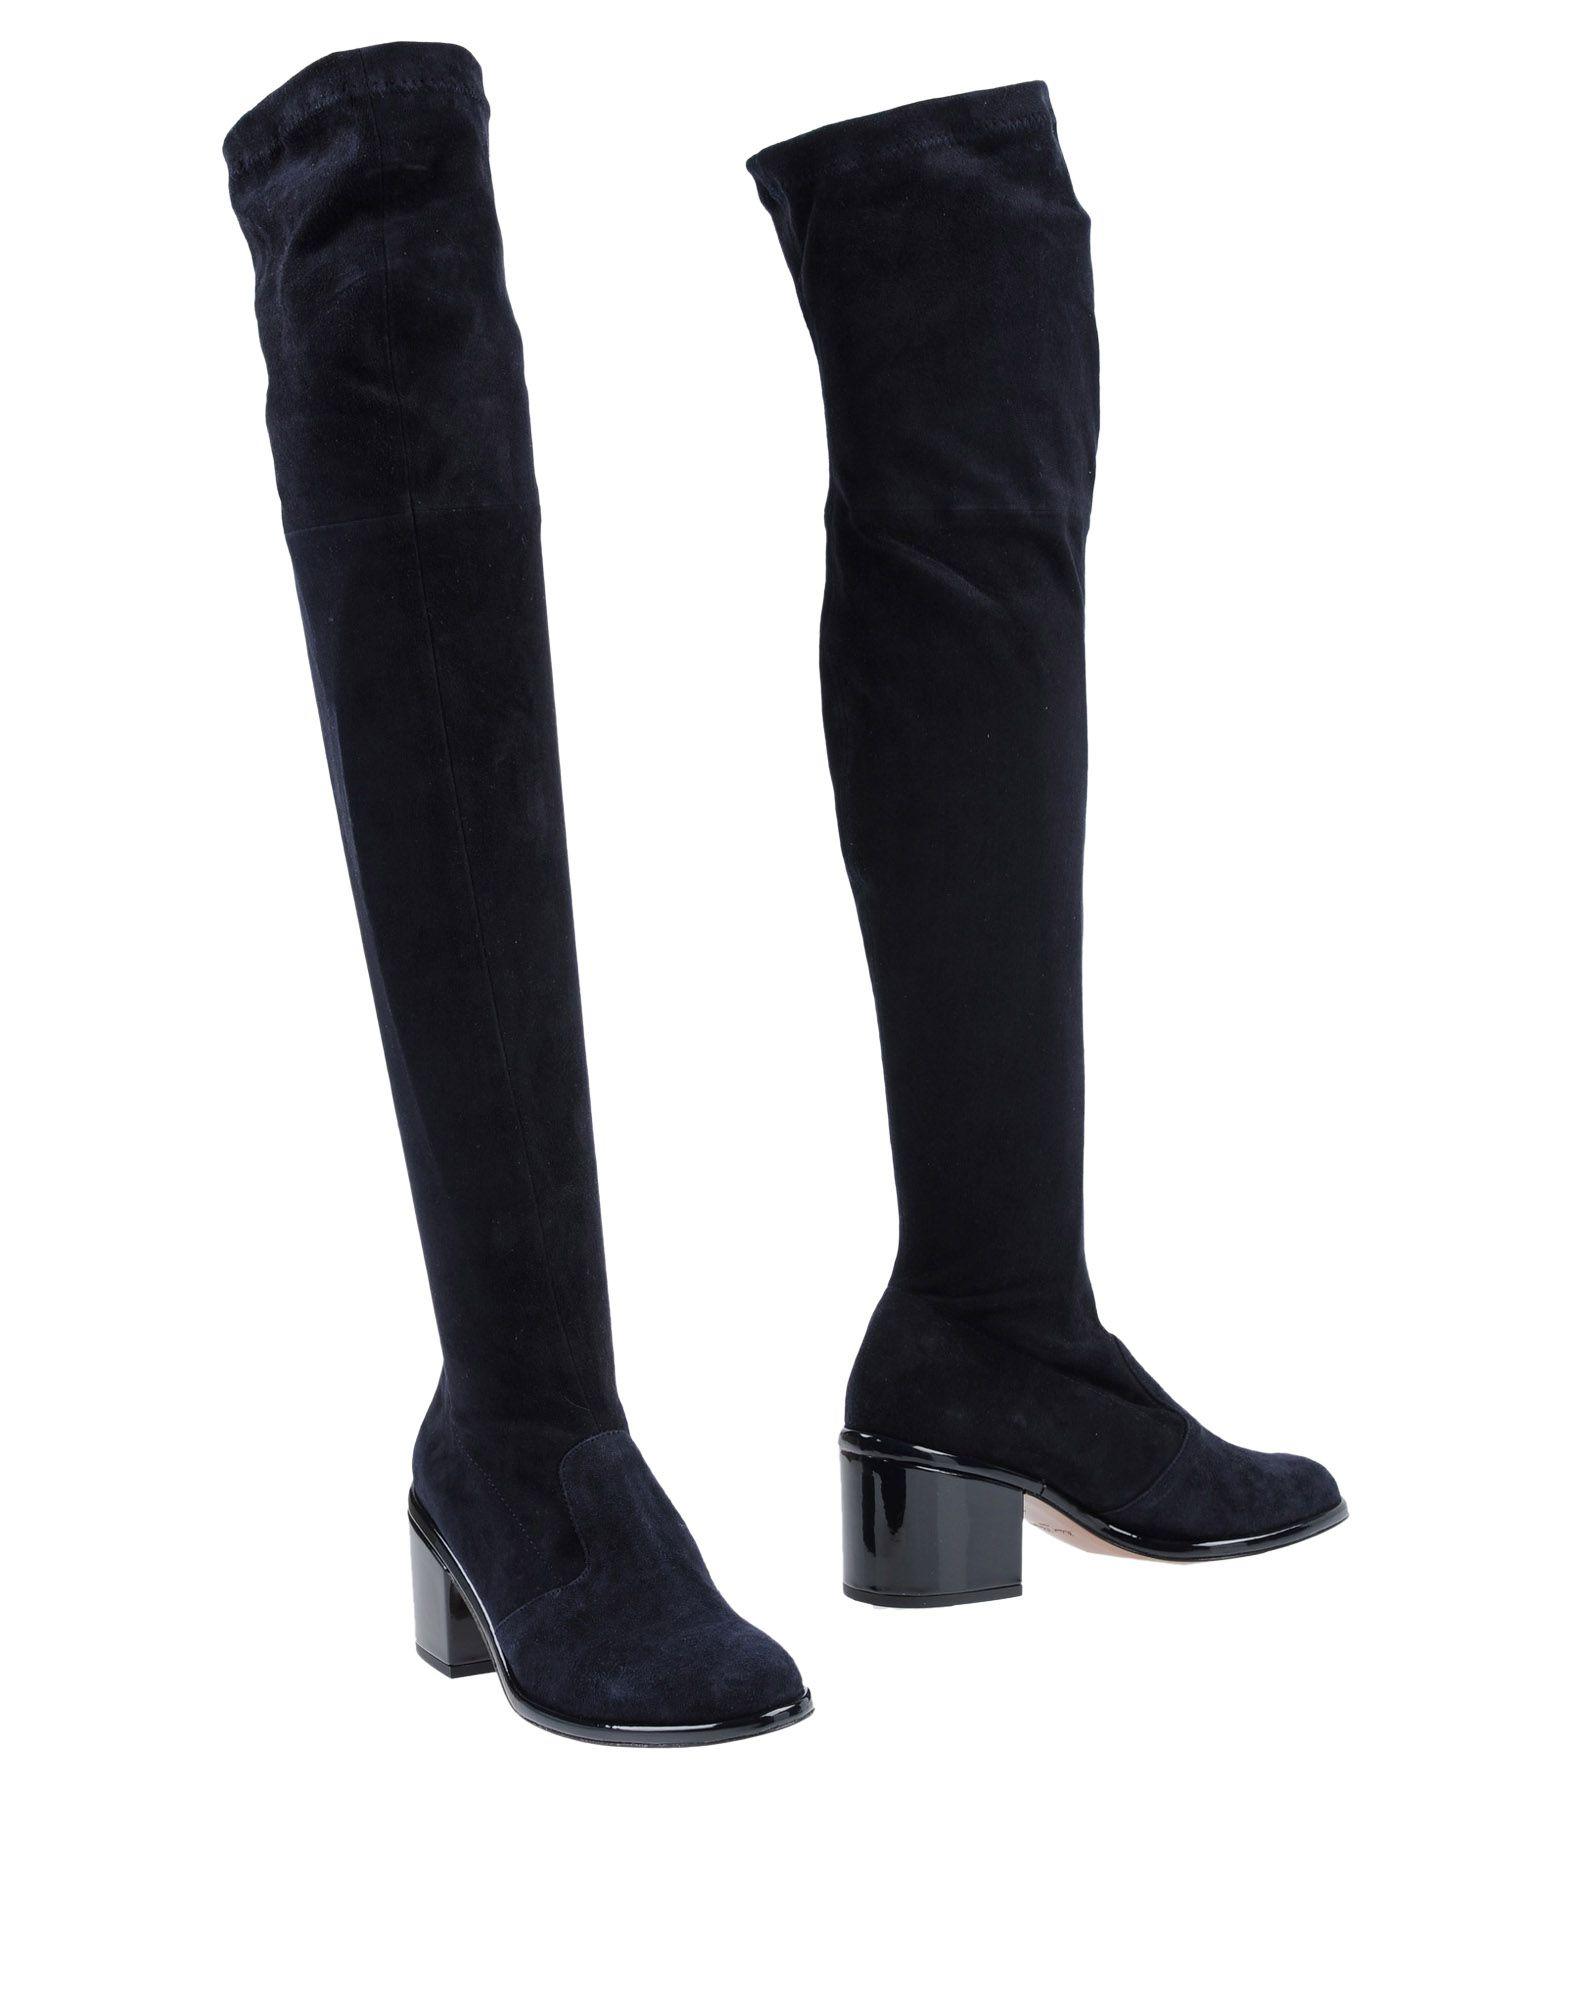 Robert Clergerie Stiefel Damen  11461769JHGünstige gut aussehende Schuhe